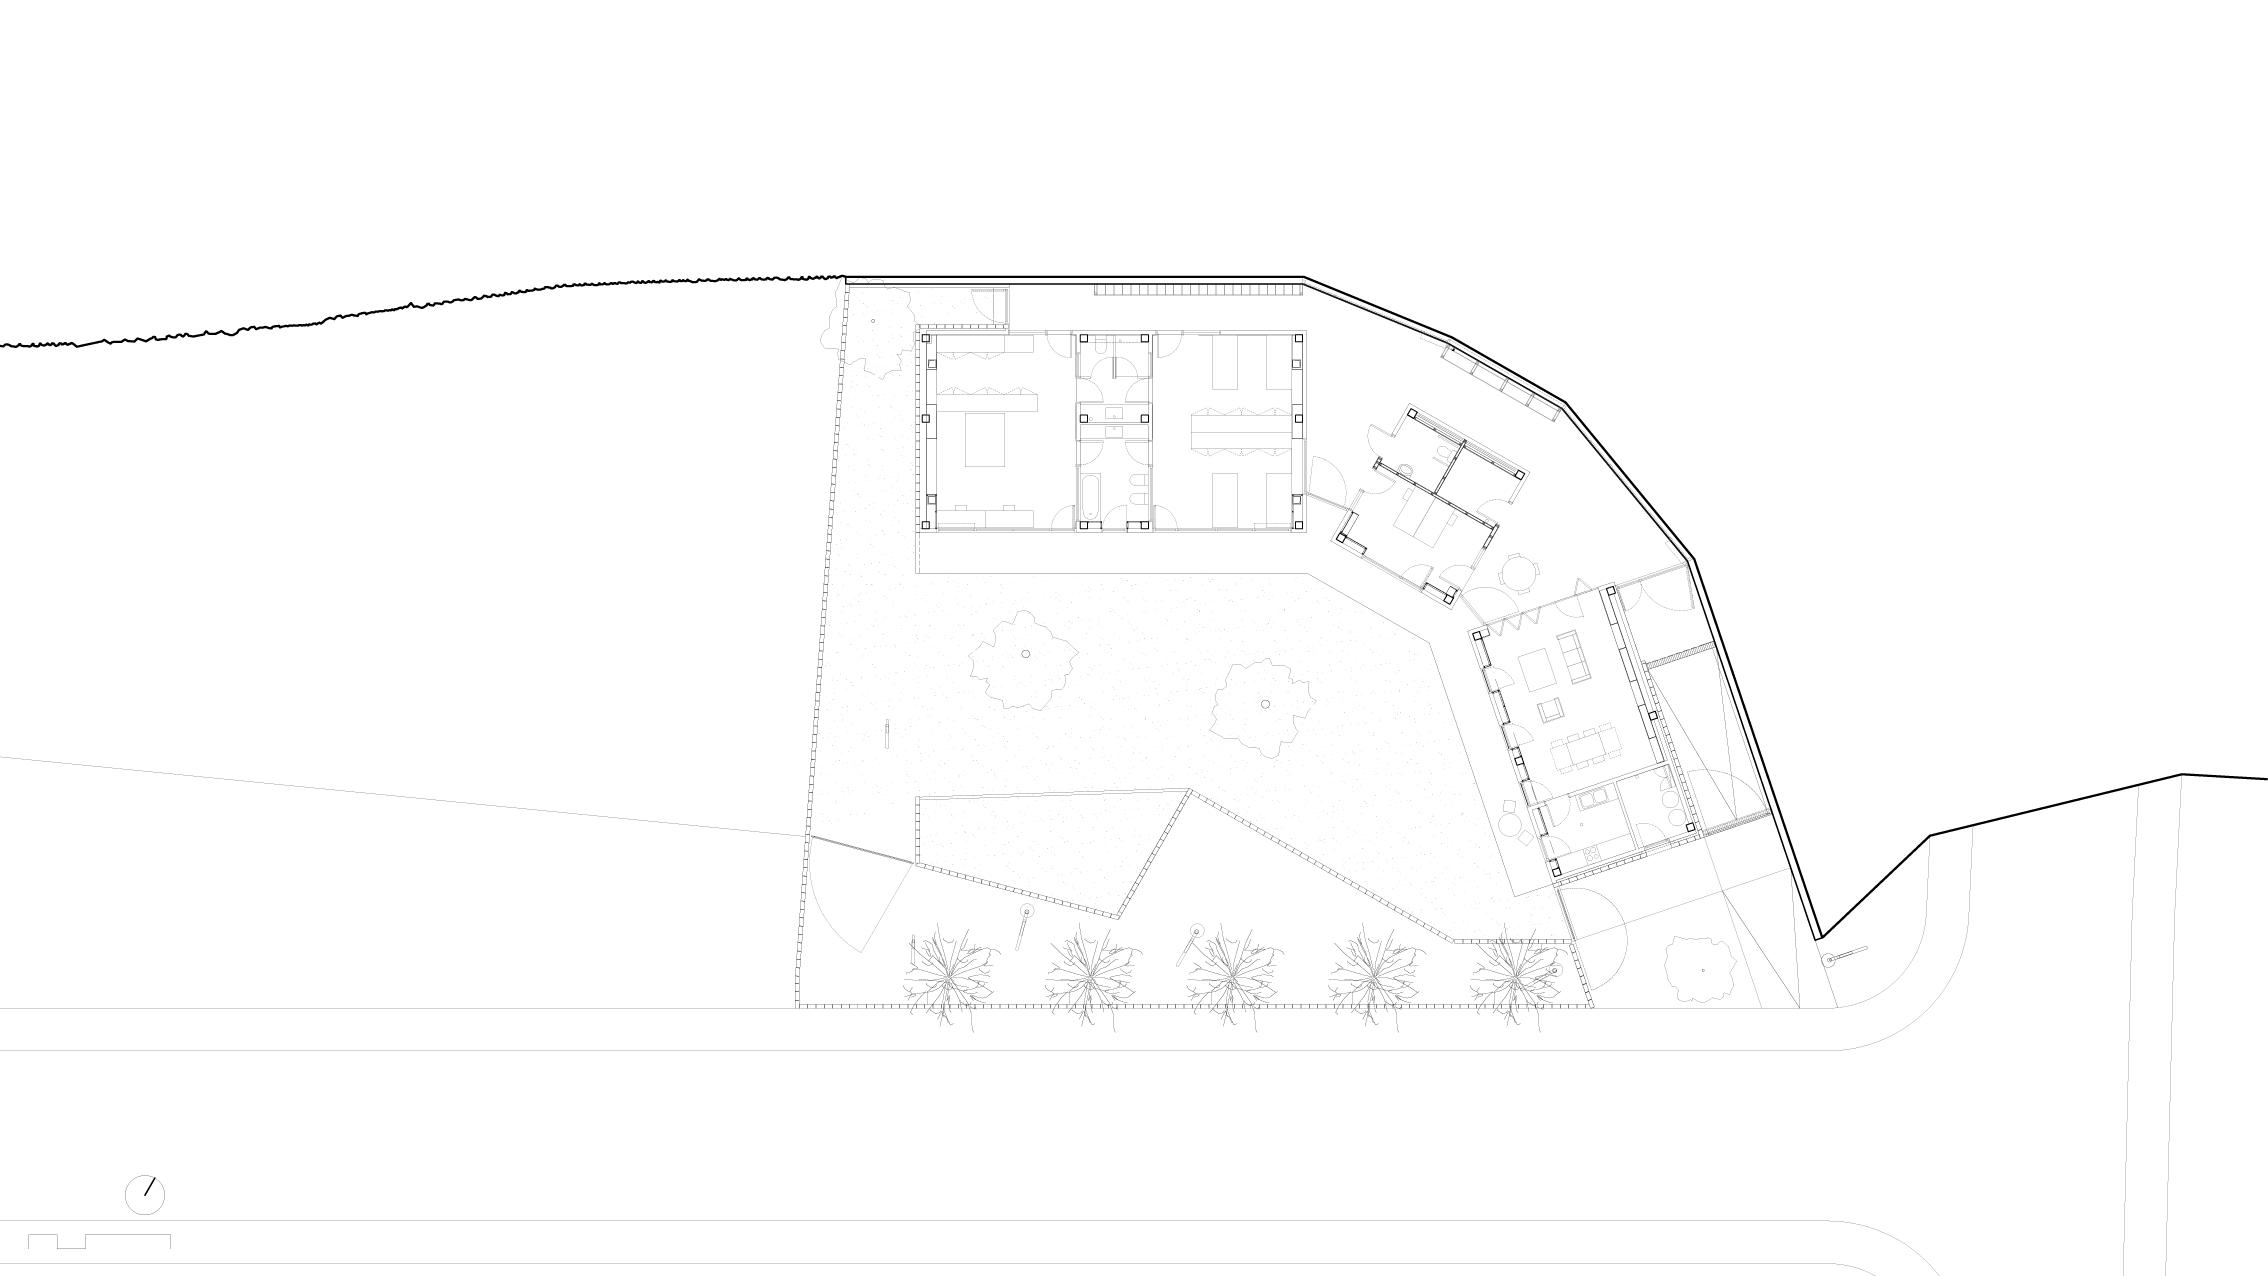 2307_planta-baixa_100-mobles-habitatge-wb.png